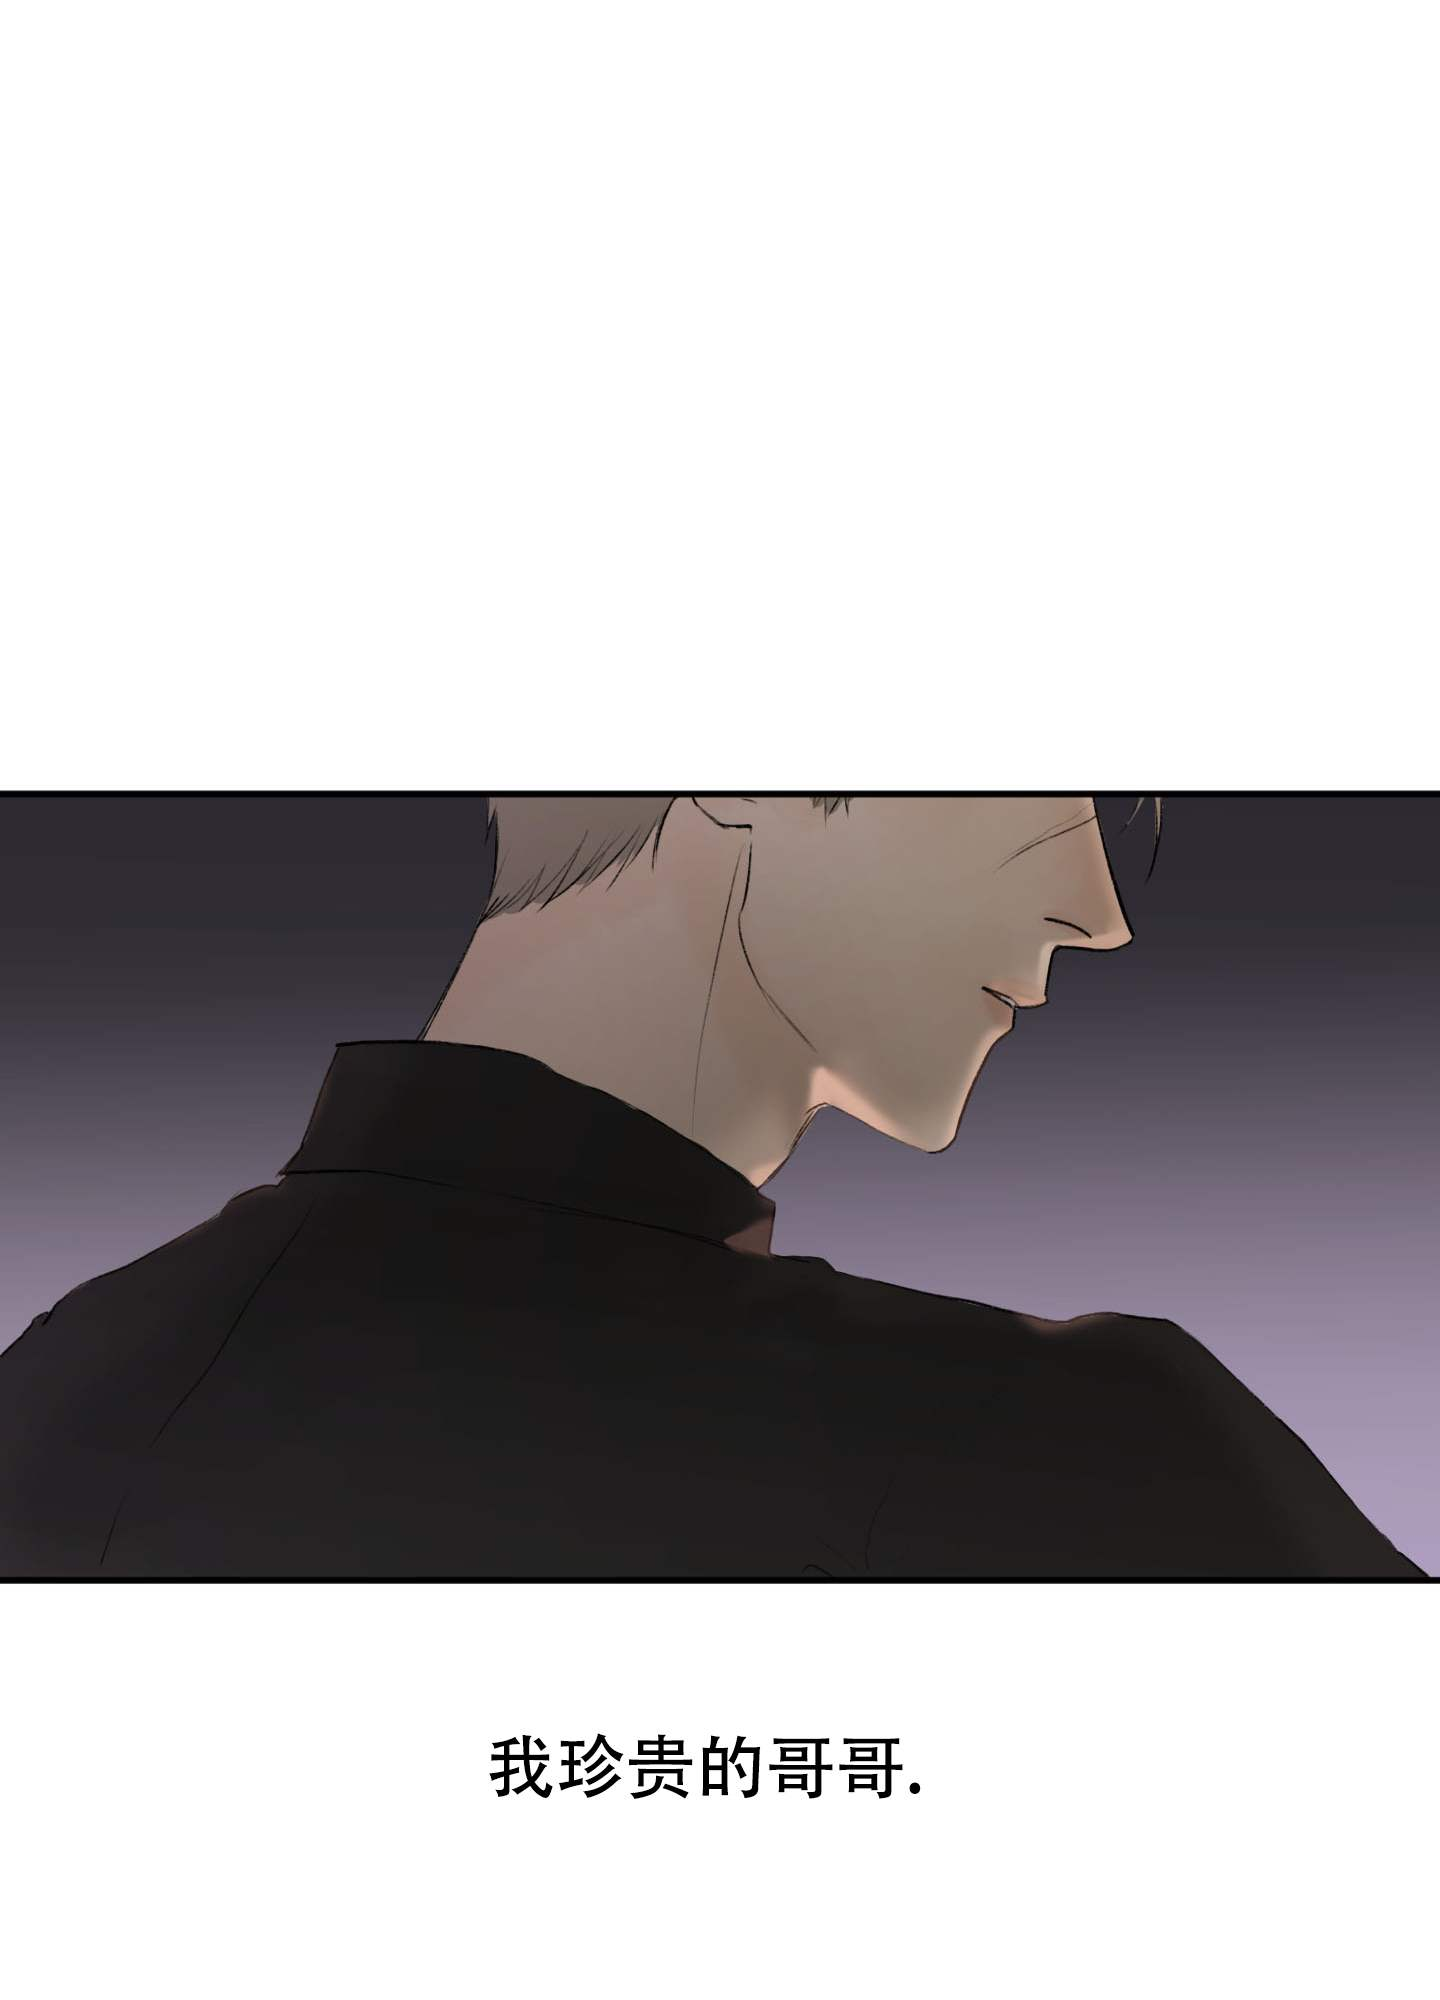 韩漫 |《恶魔的低语》年下痞老板,上来就扑倒!  第26张